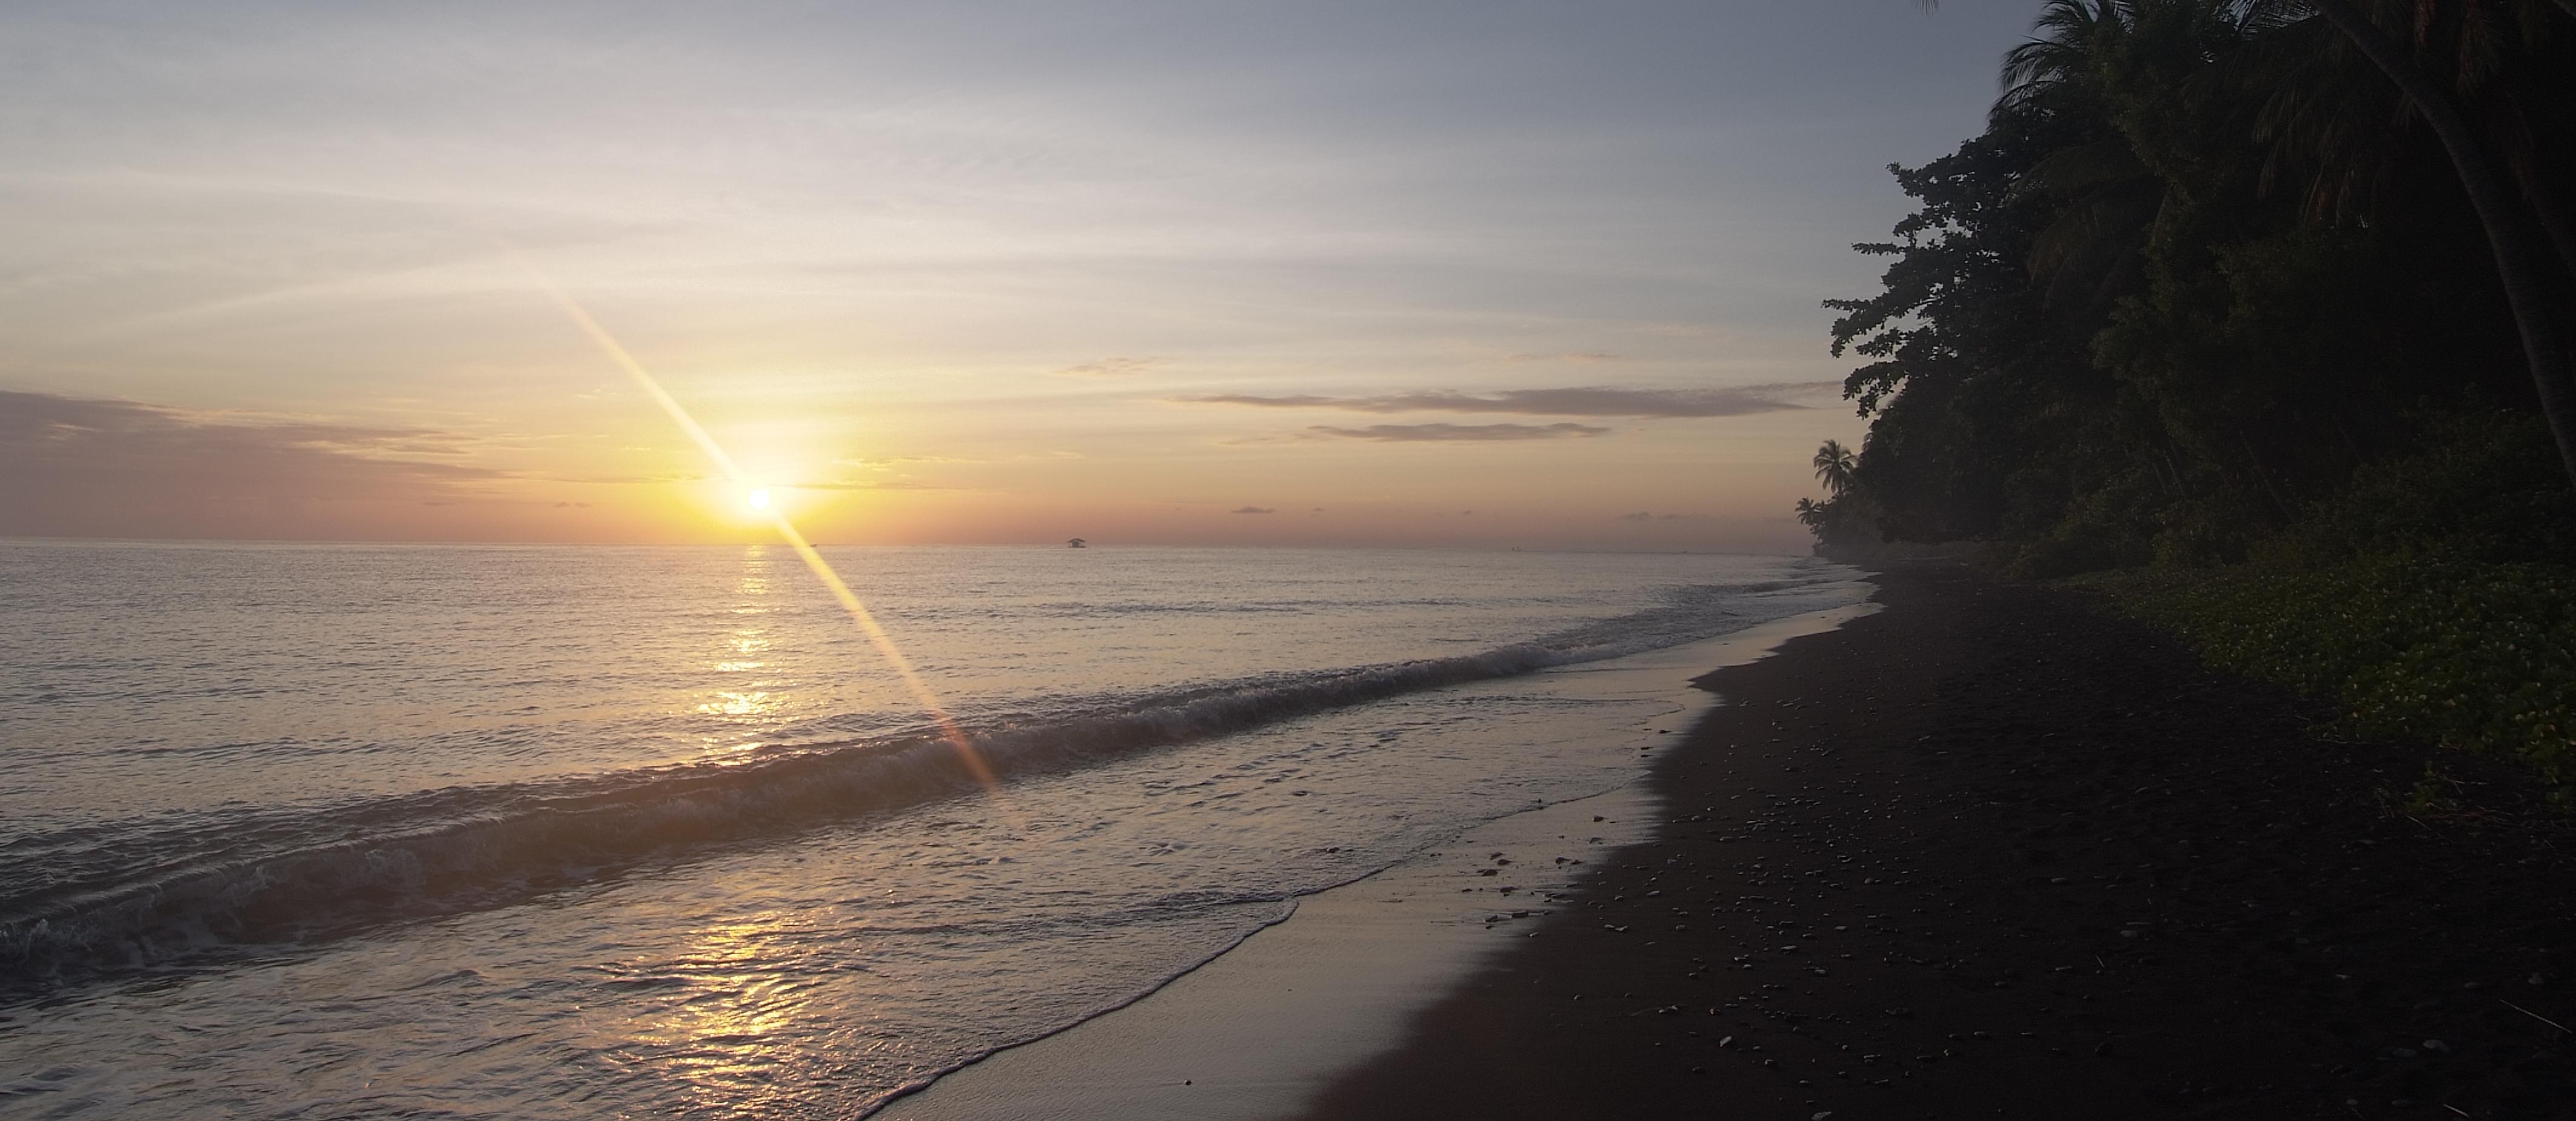 beach-spa-village-tembok-bali